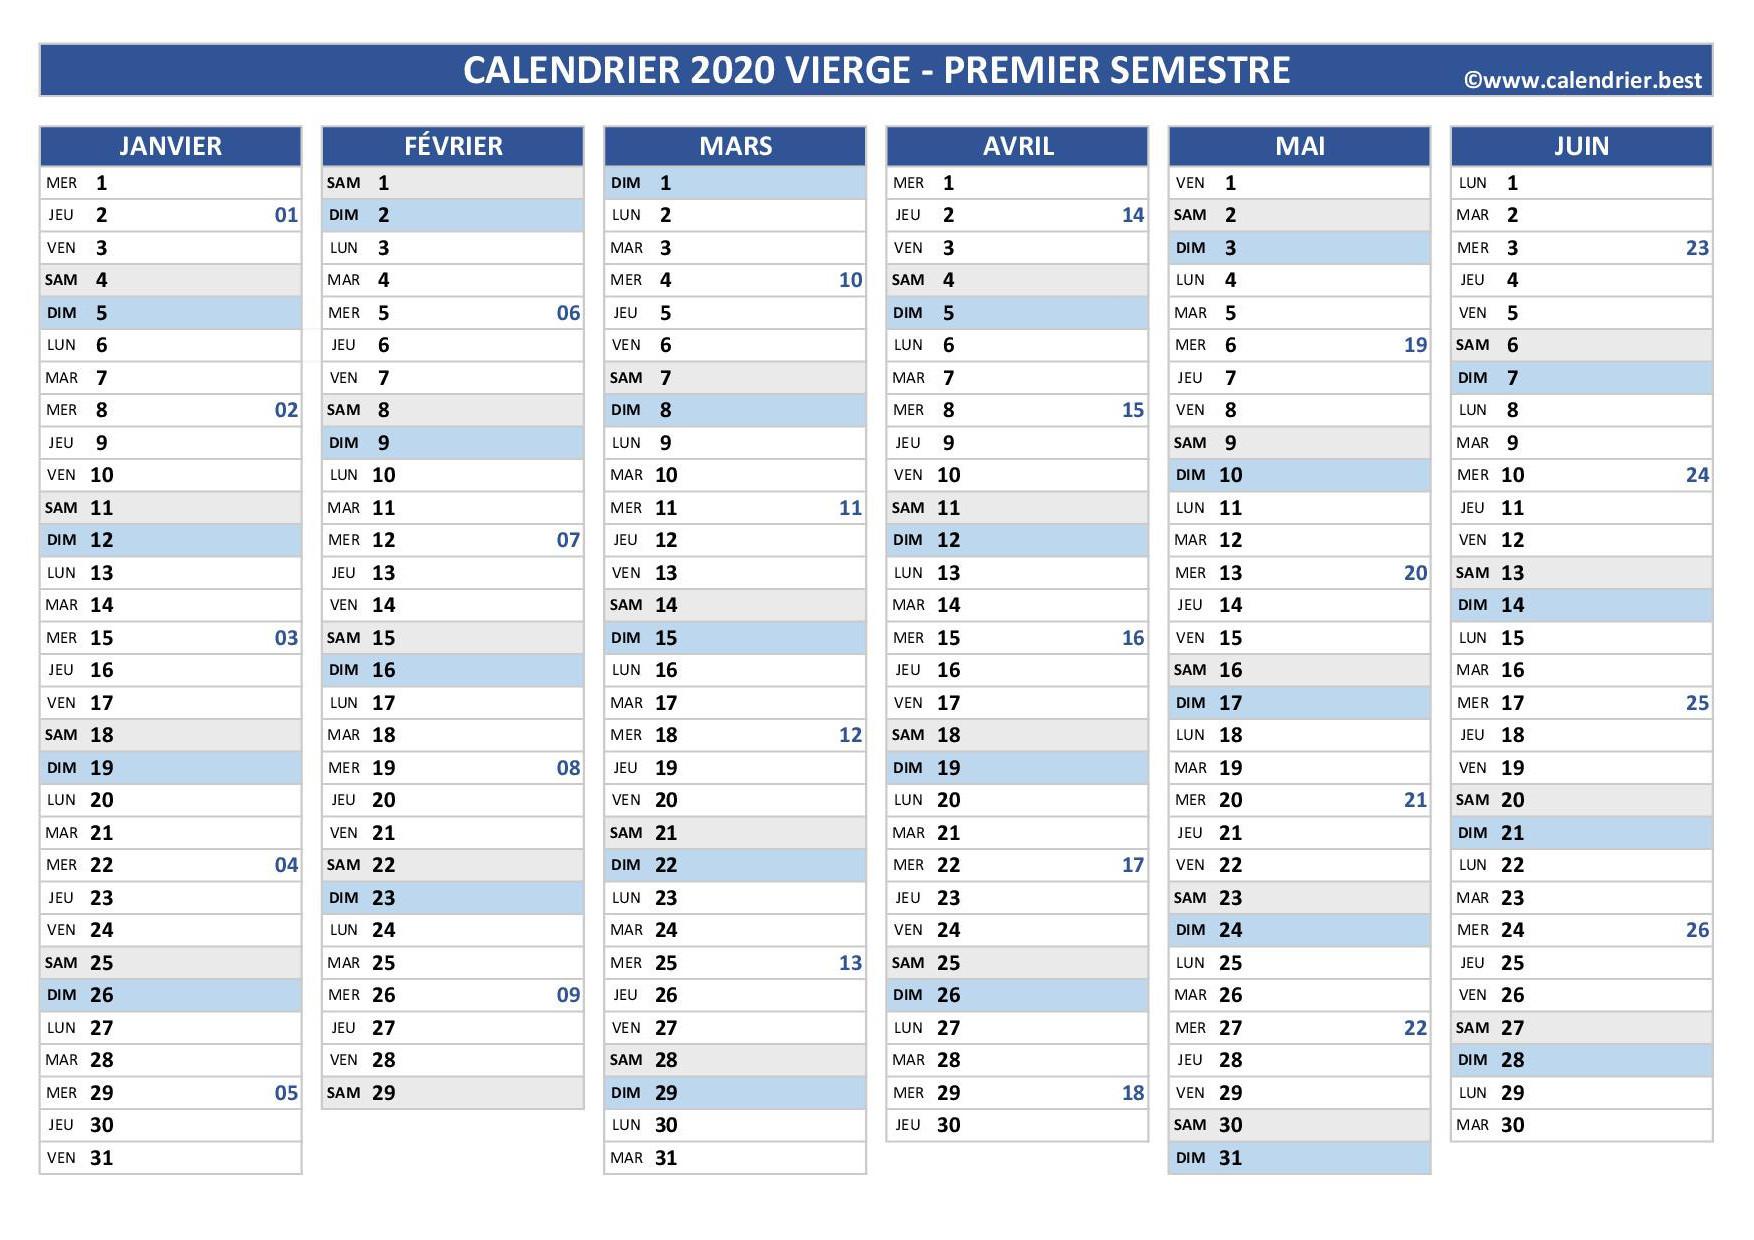 Calendrier 2021 Premier Semestre Calendrier 1er et 2ème semestre 2020 à imprimer